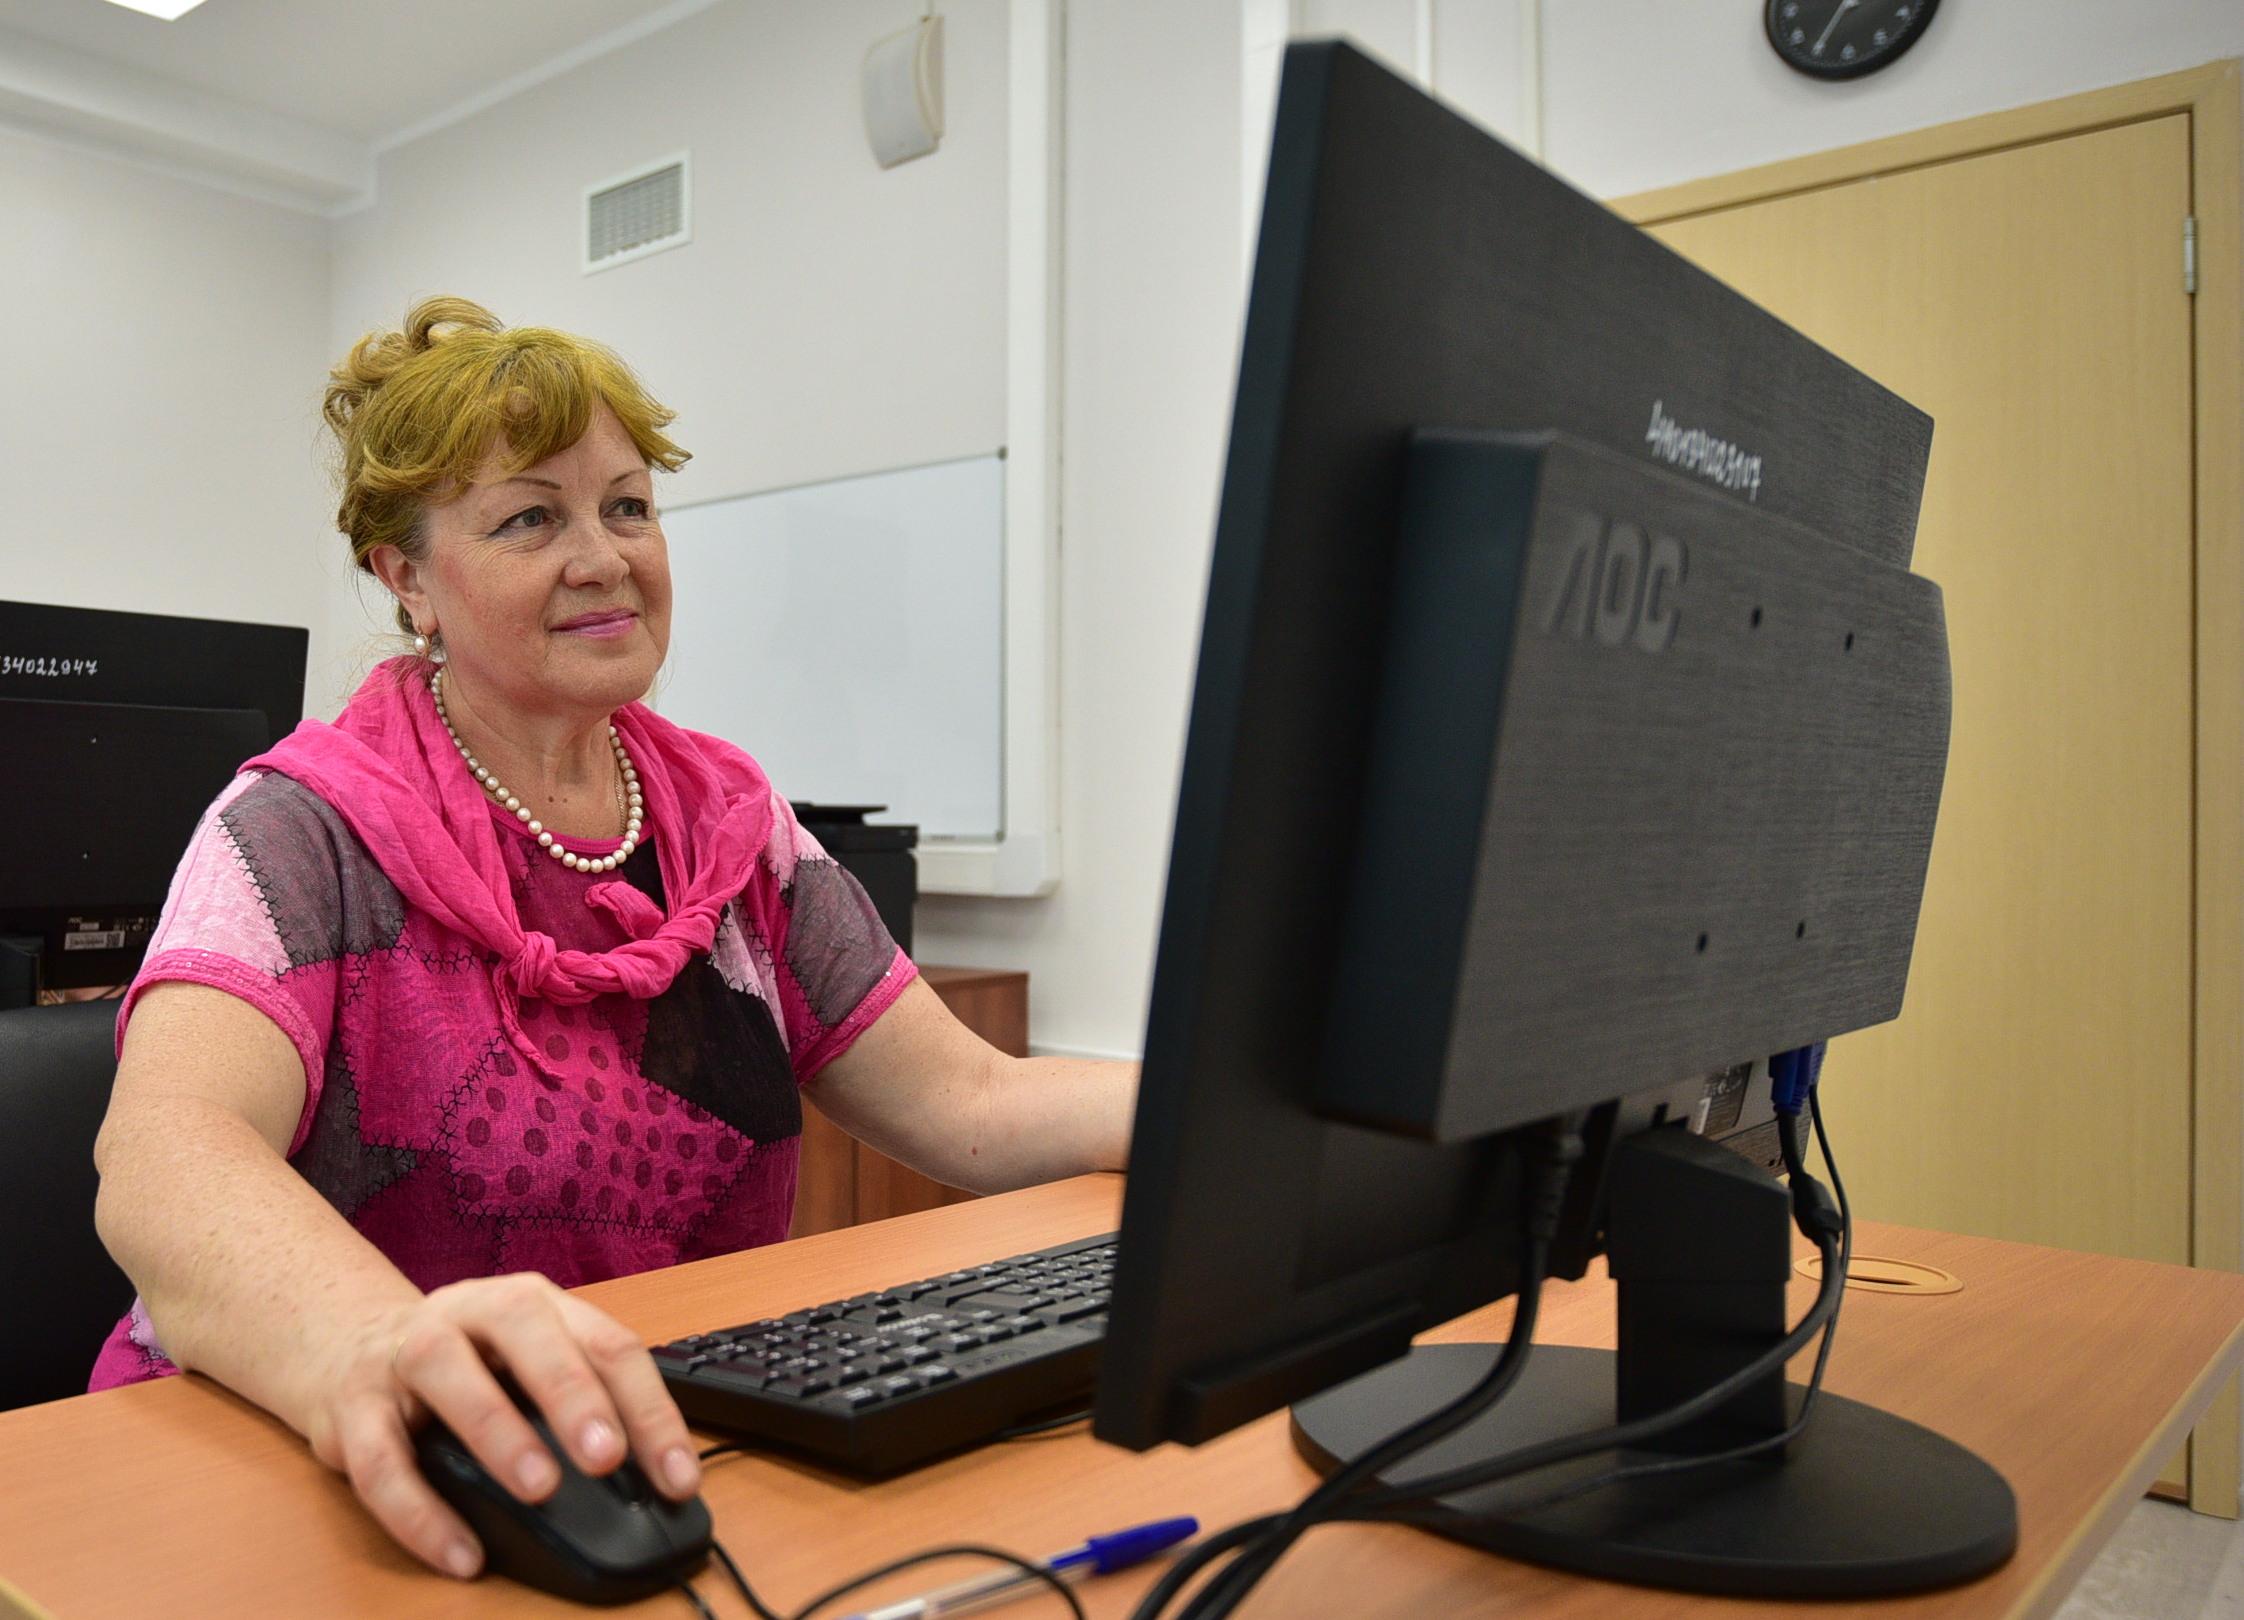 Около 200 участников «Московского долголетия» занимаются онлайн в школе №904